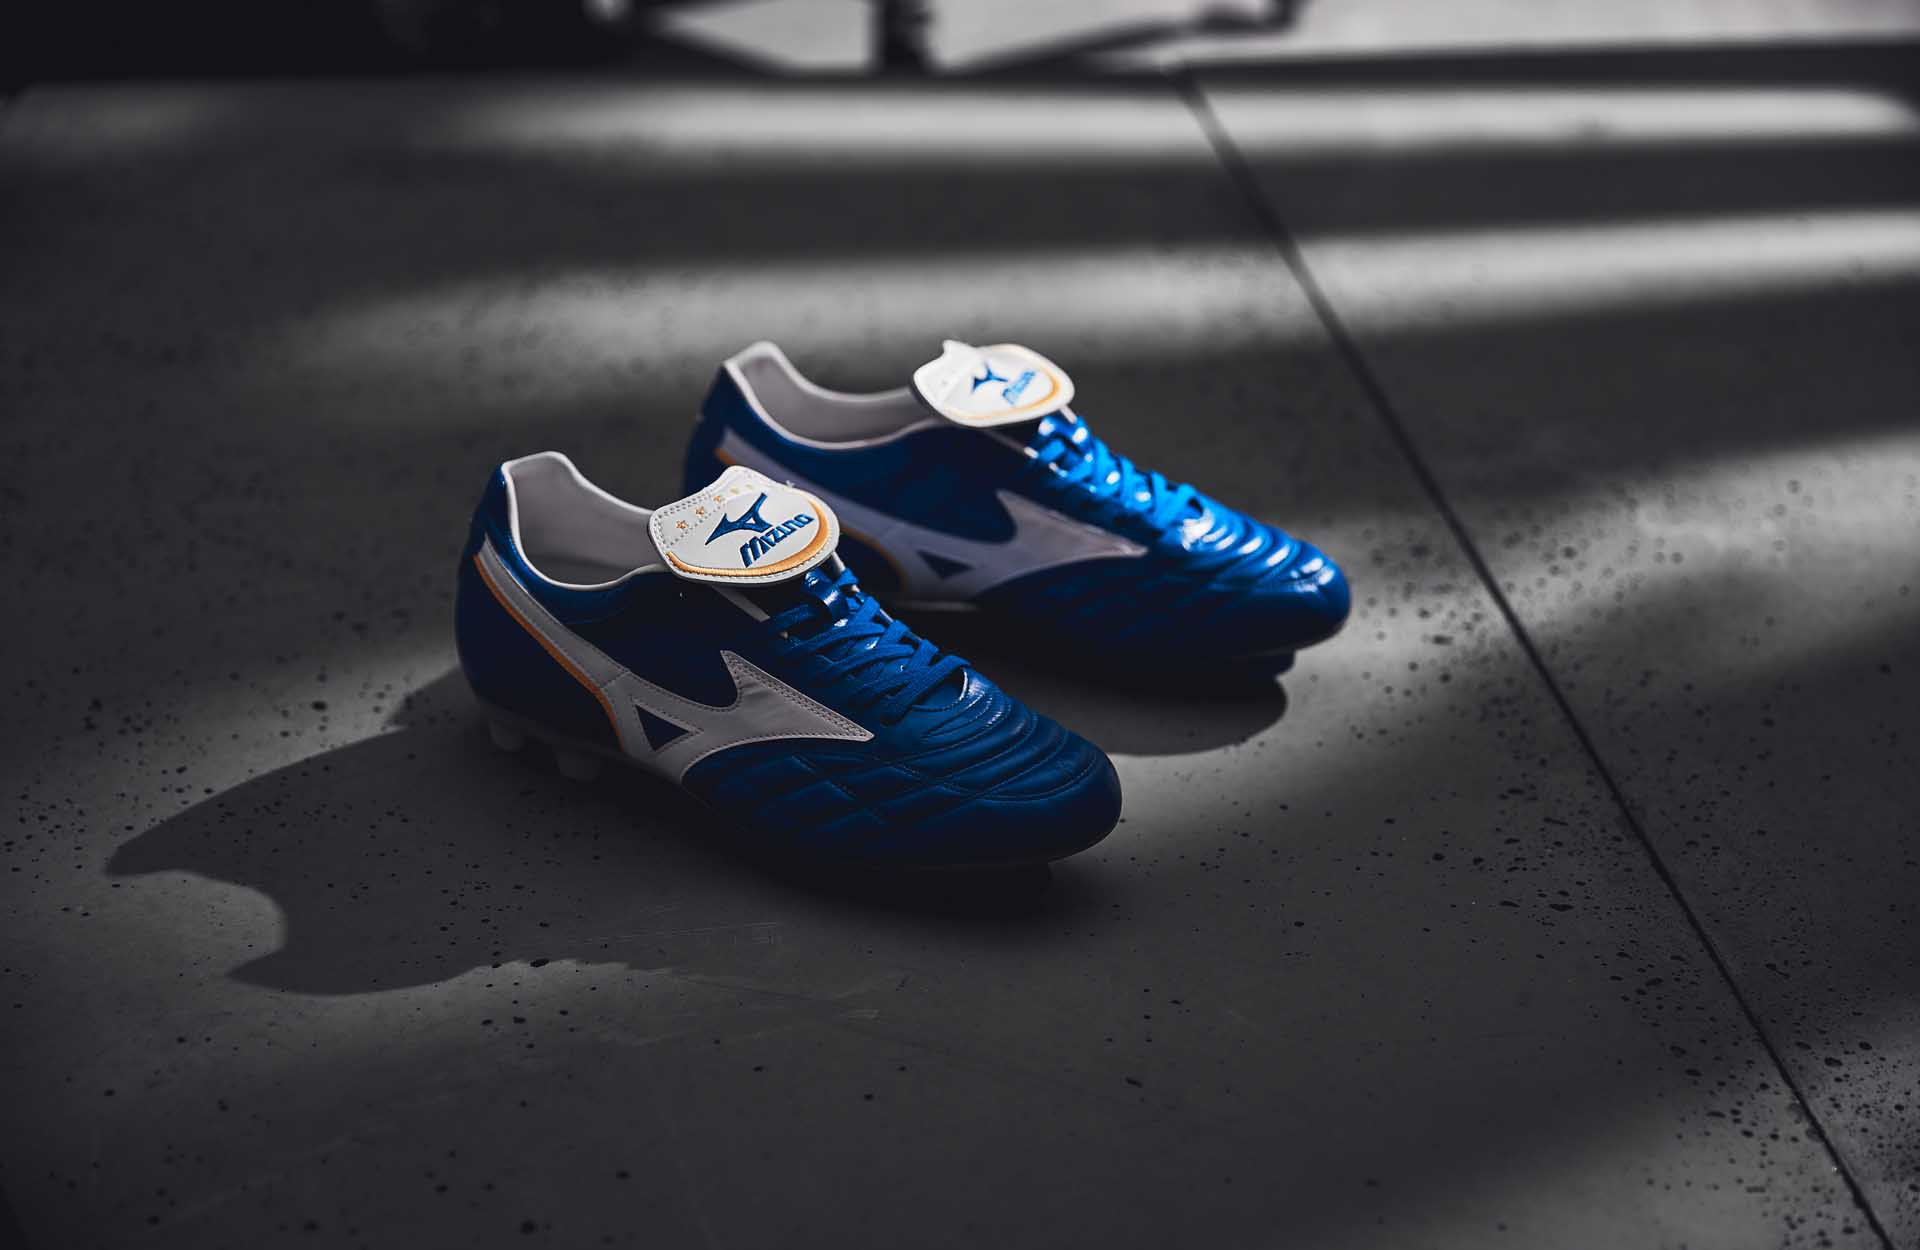 Giày bóng đá Mizuno Wave Cup Legend mang đến cảm giác thoải mái